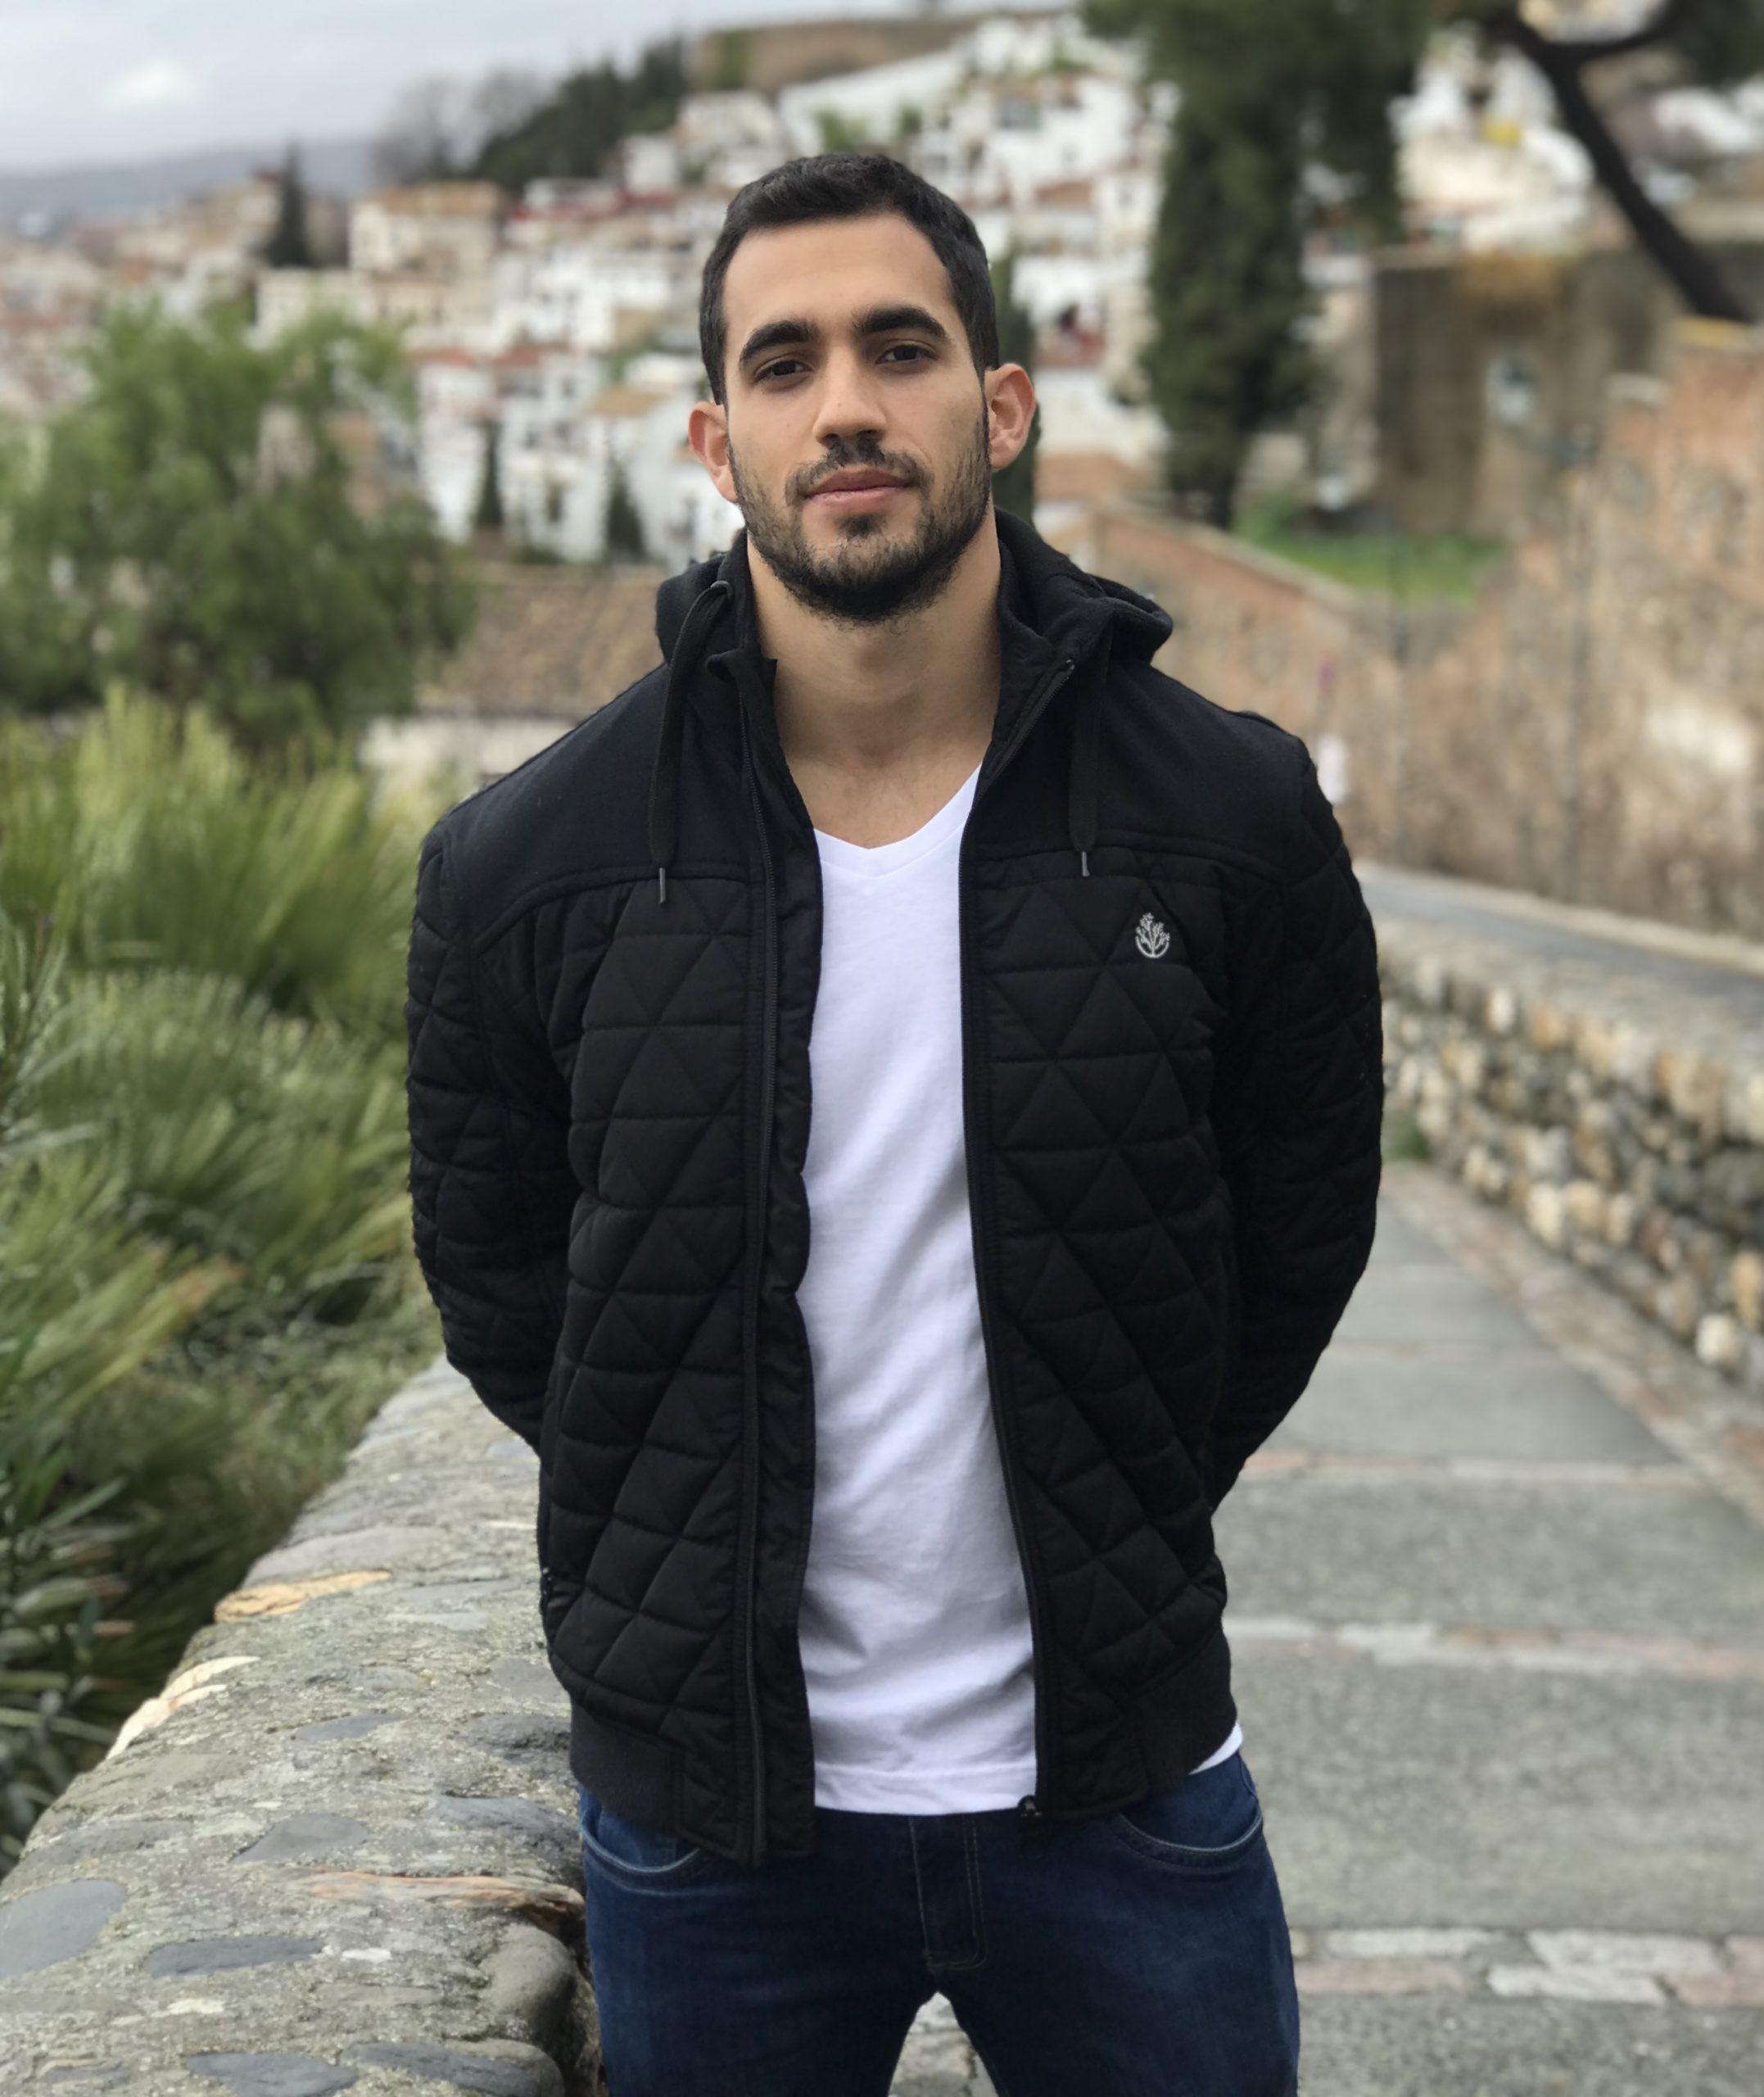 Mateus Marins Correa de Sá